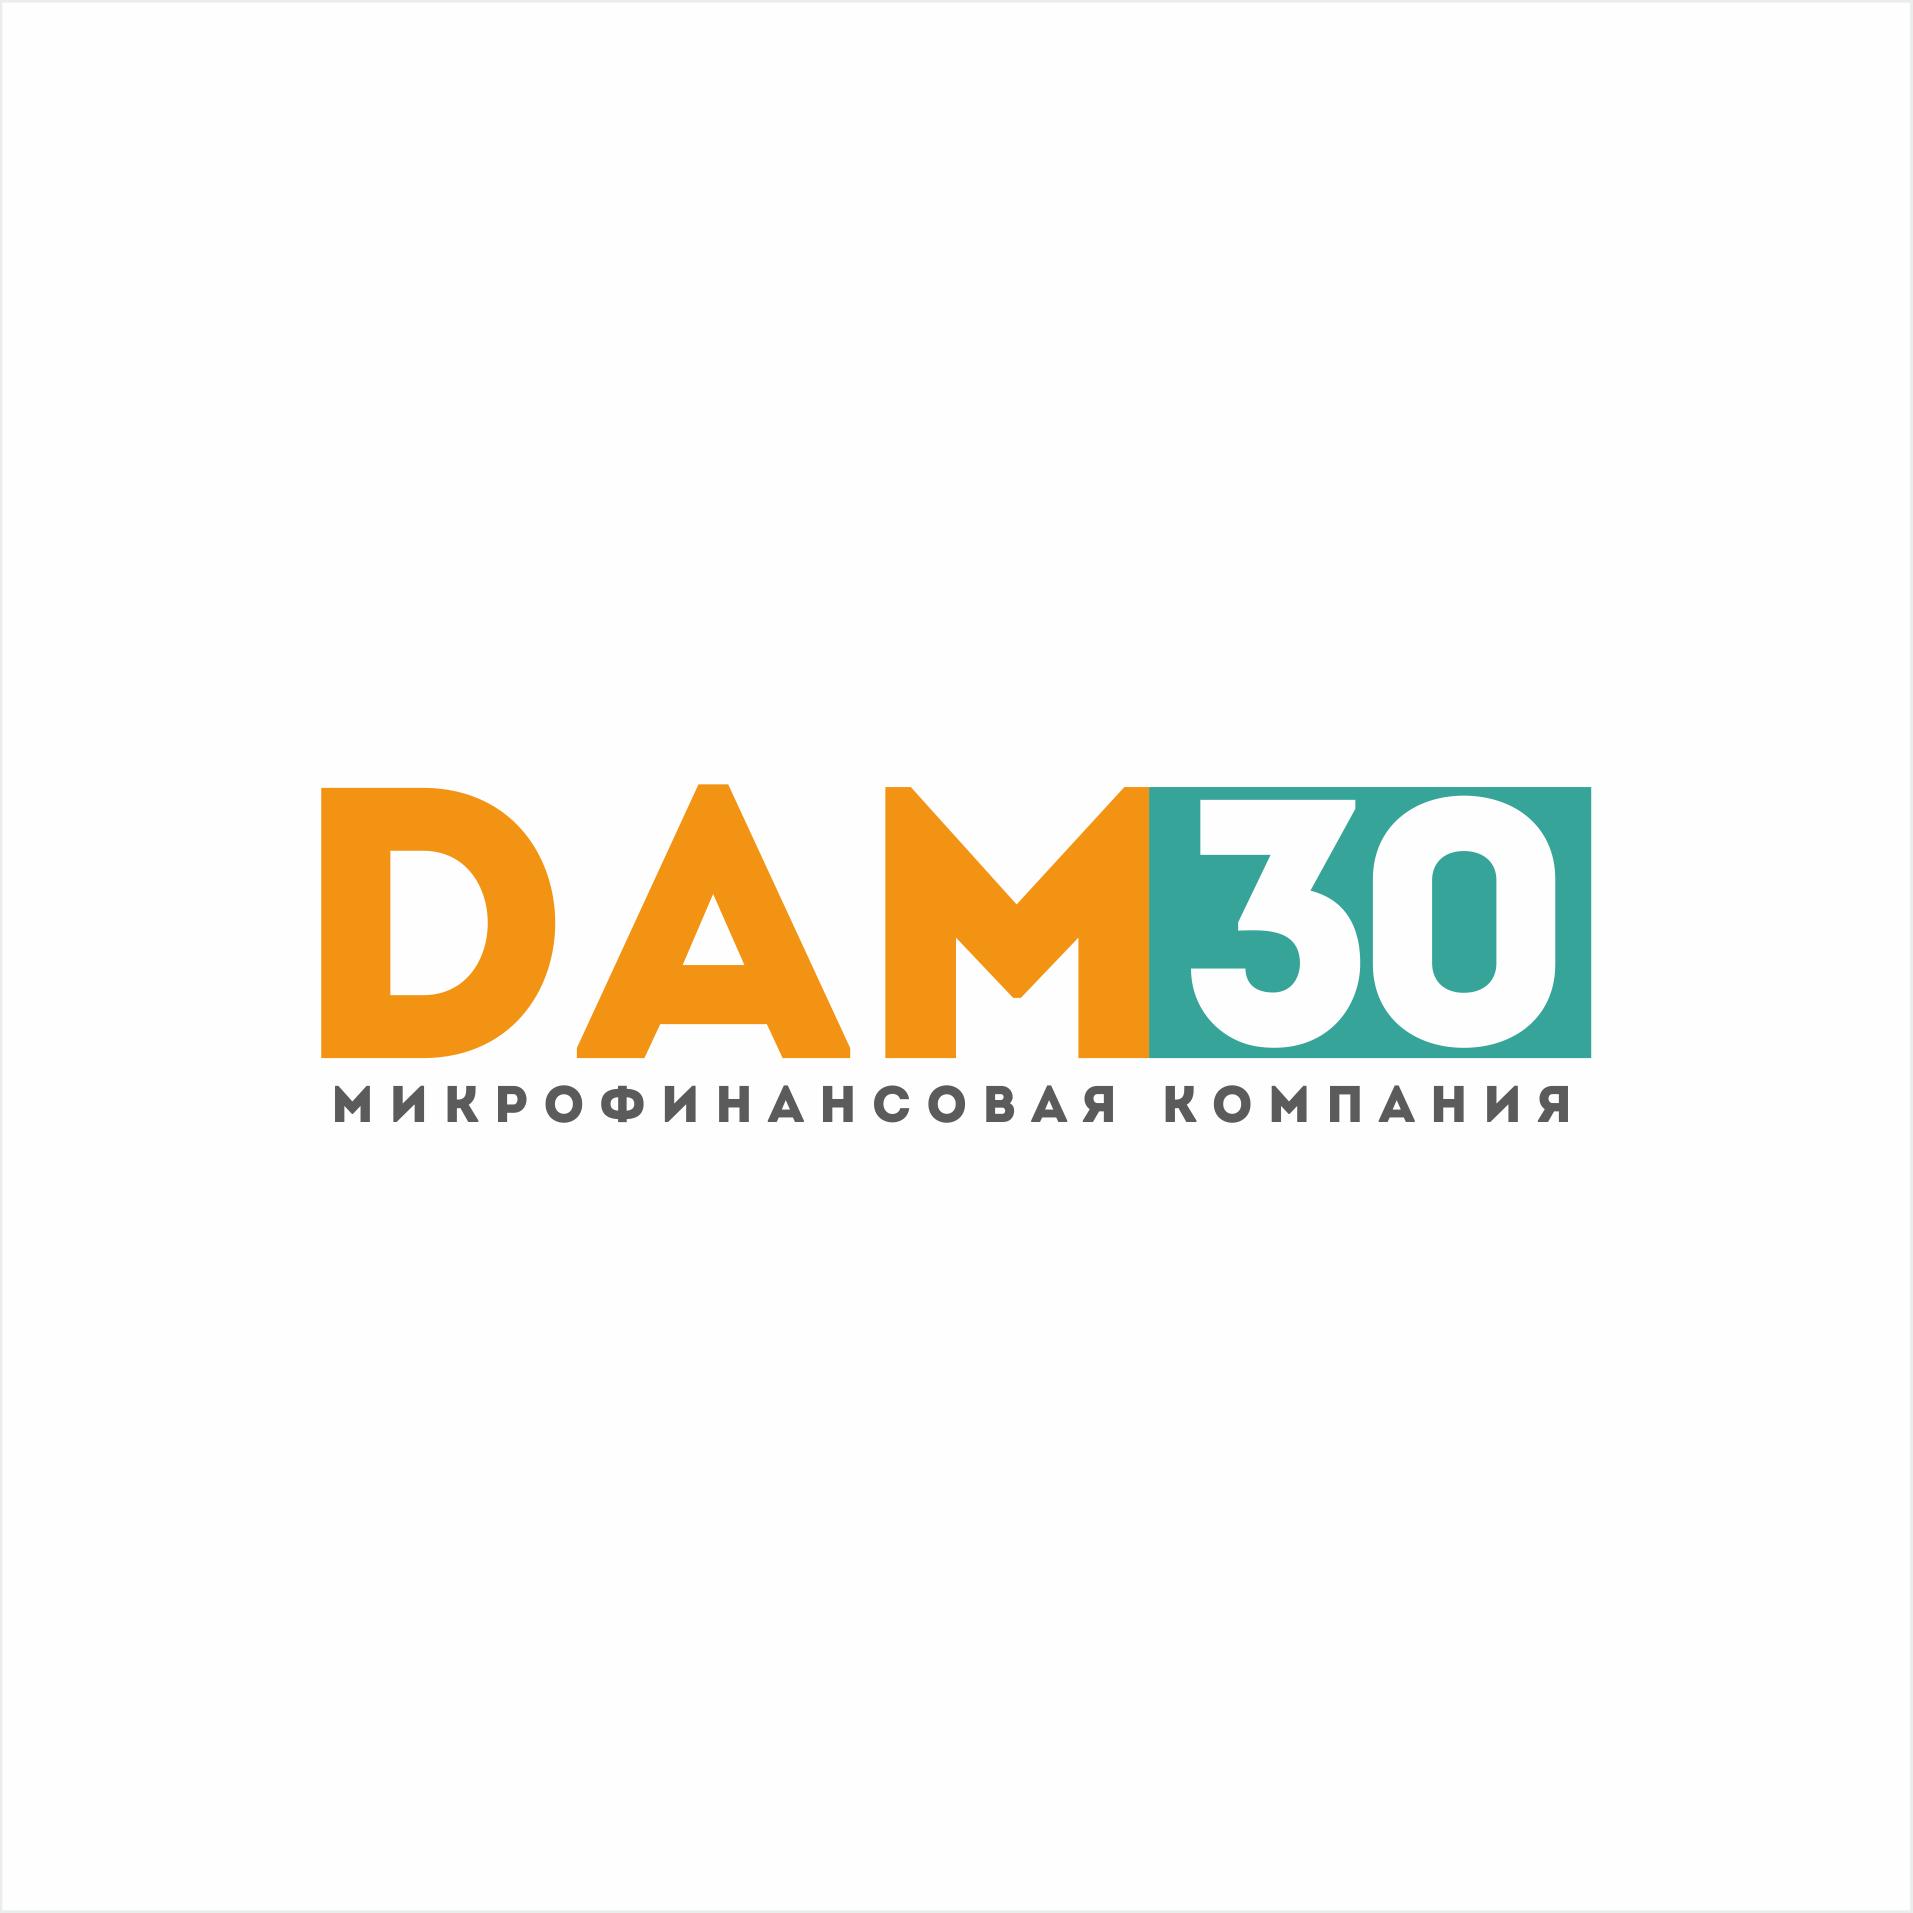 Логотип для микрокредитной, микрофинансовой компании фото f_2535a28dec38dd98.png